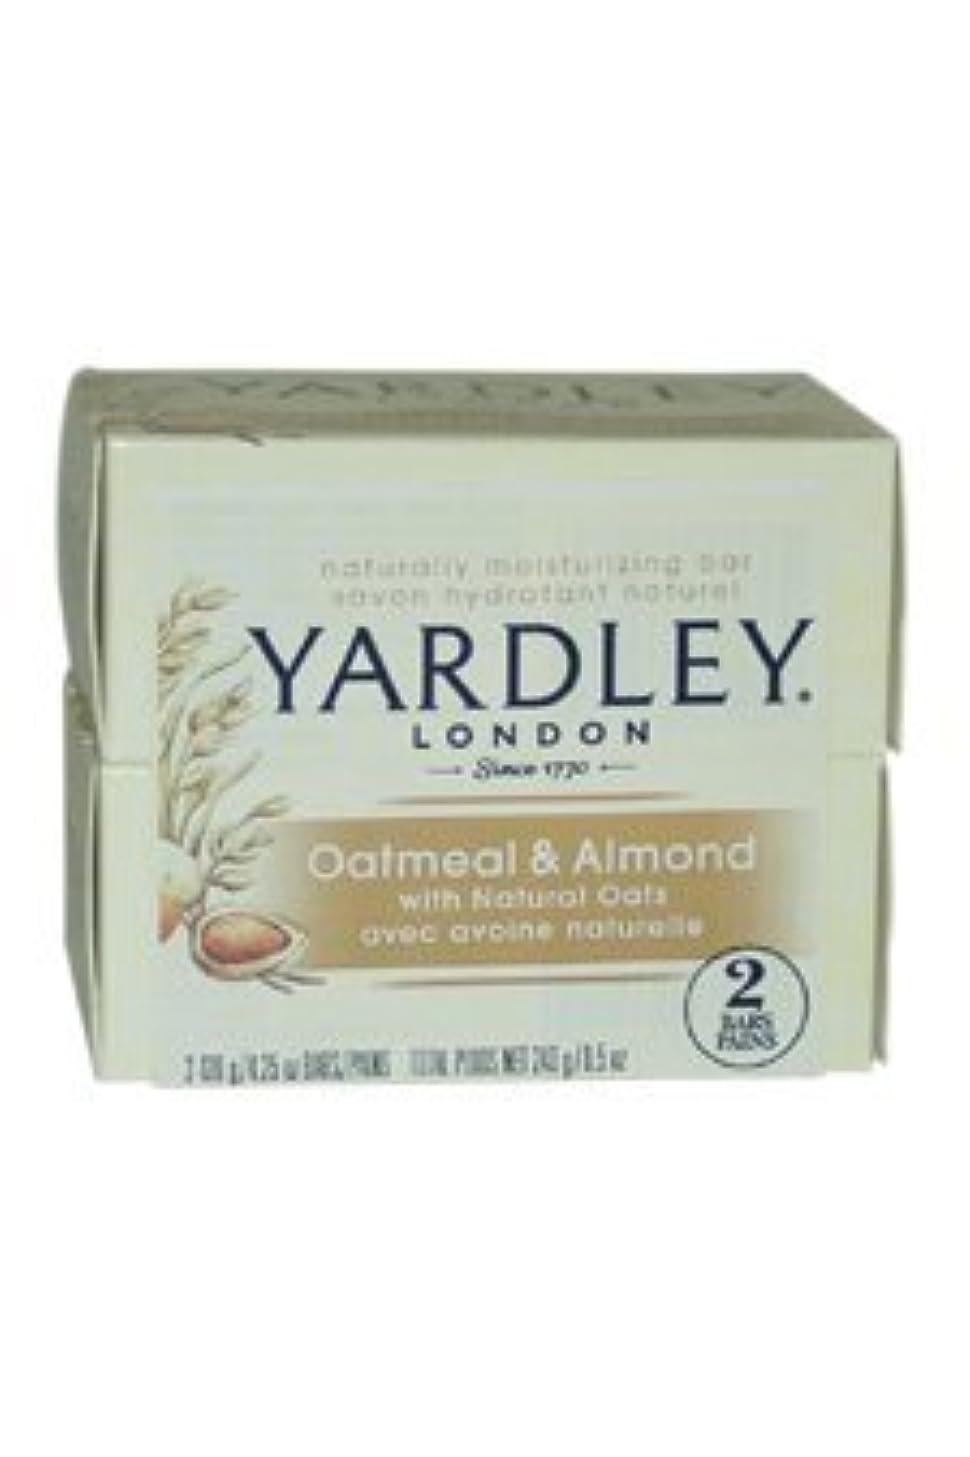 非難オーブン冷ややかなOatmeal and Almond Bar Soap by Yardley - 2 x 4.25 oz Soap by Yardley [並行輸入品]